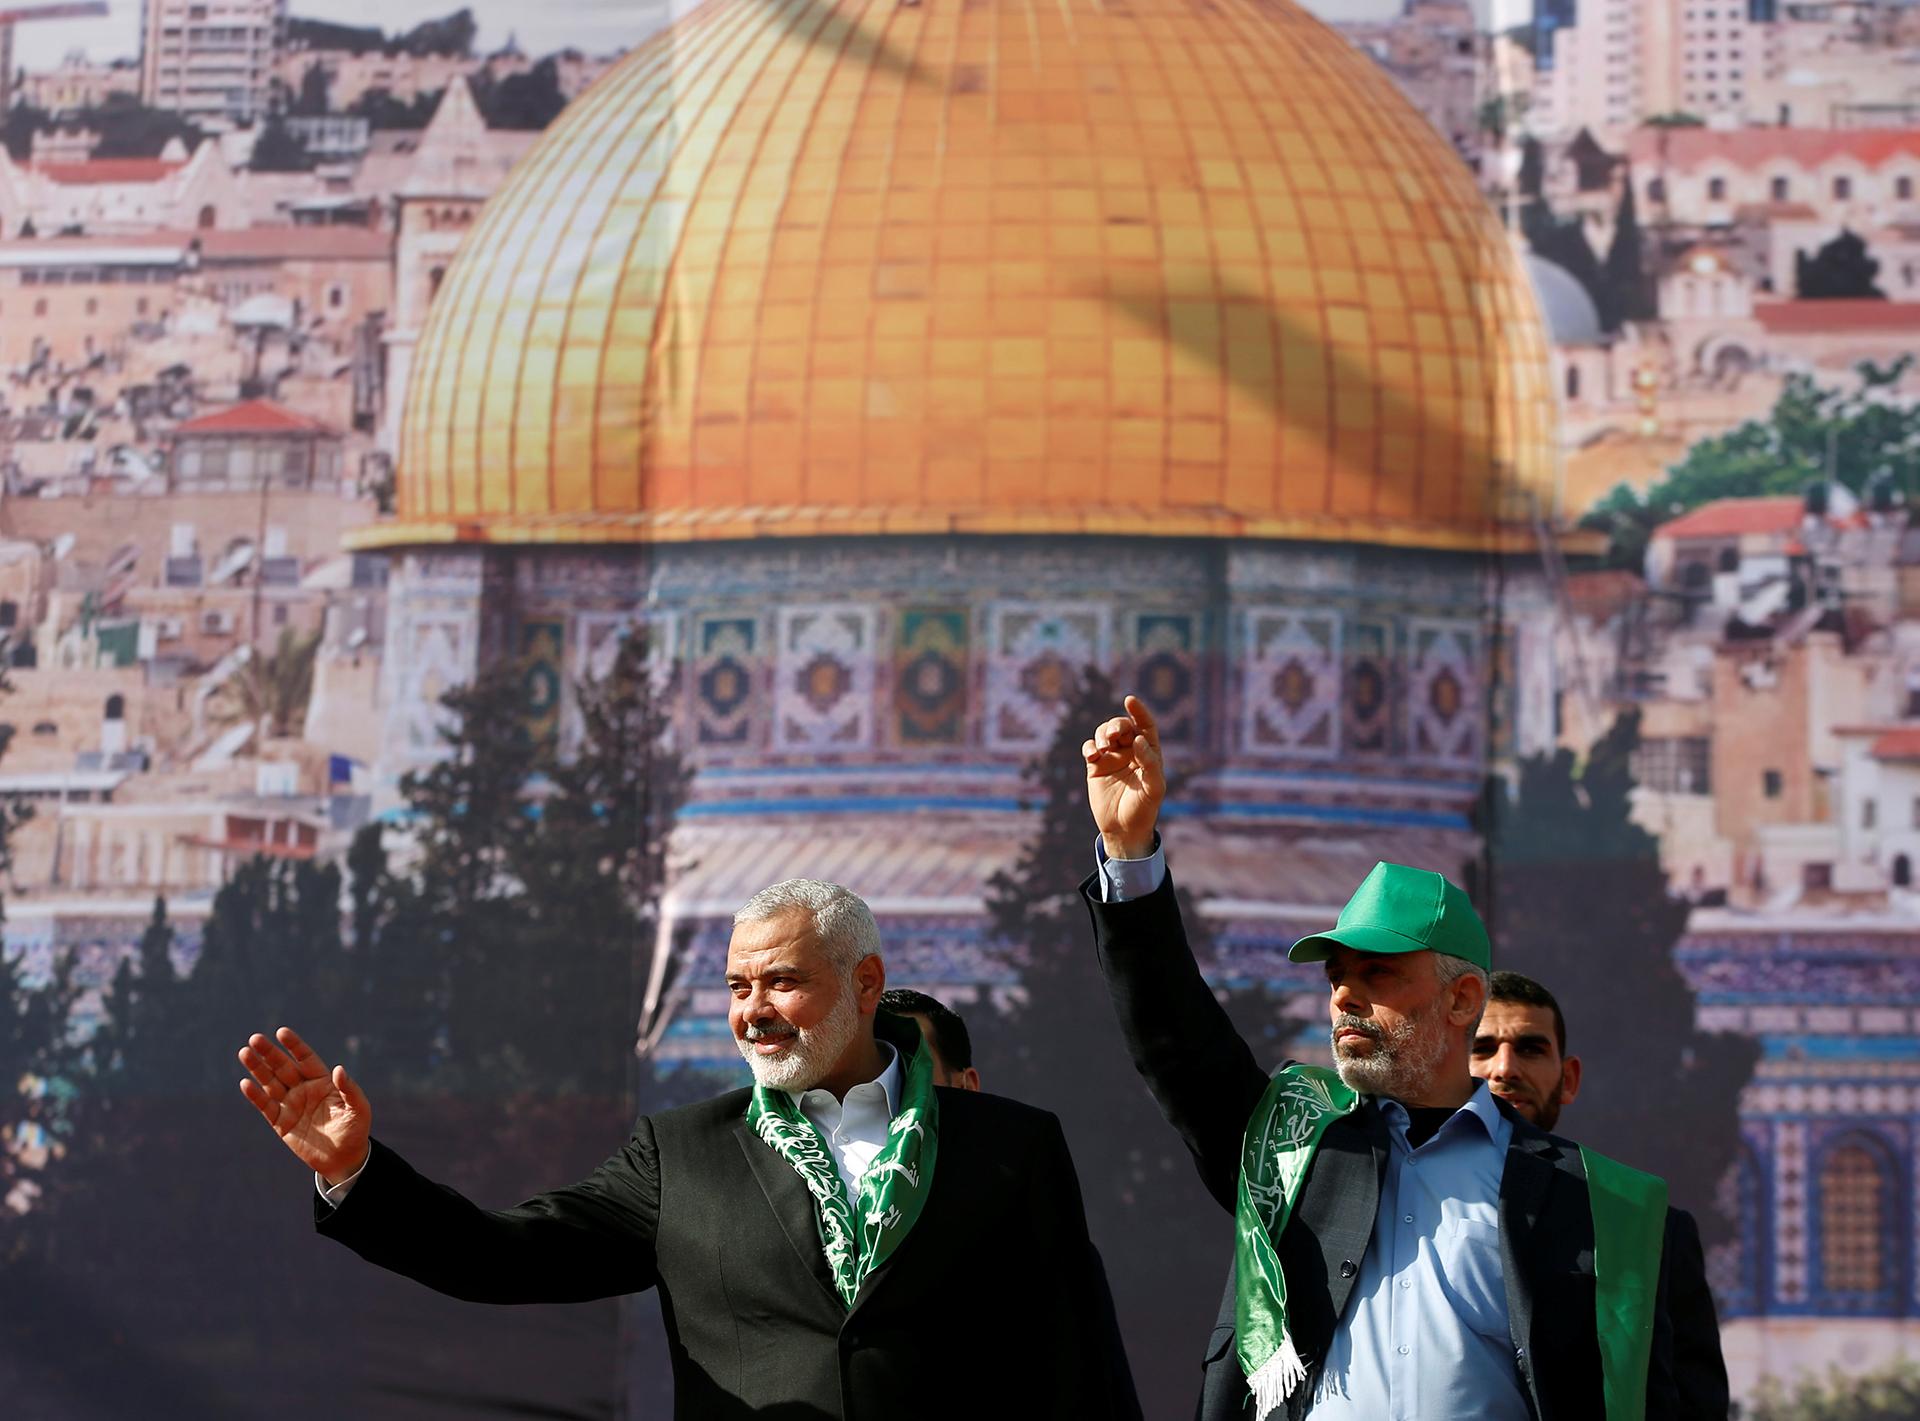 El líder de Hamas, Ismail HaniyehH, y el premier de Gaza Yehya Al Sinwar, con una imagen del Domo de la Roca en el fondo (Reuters)